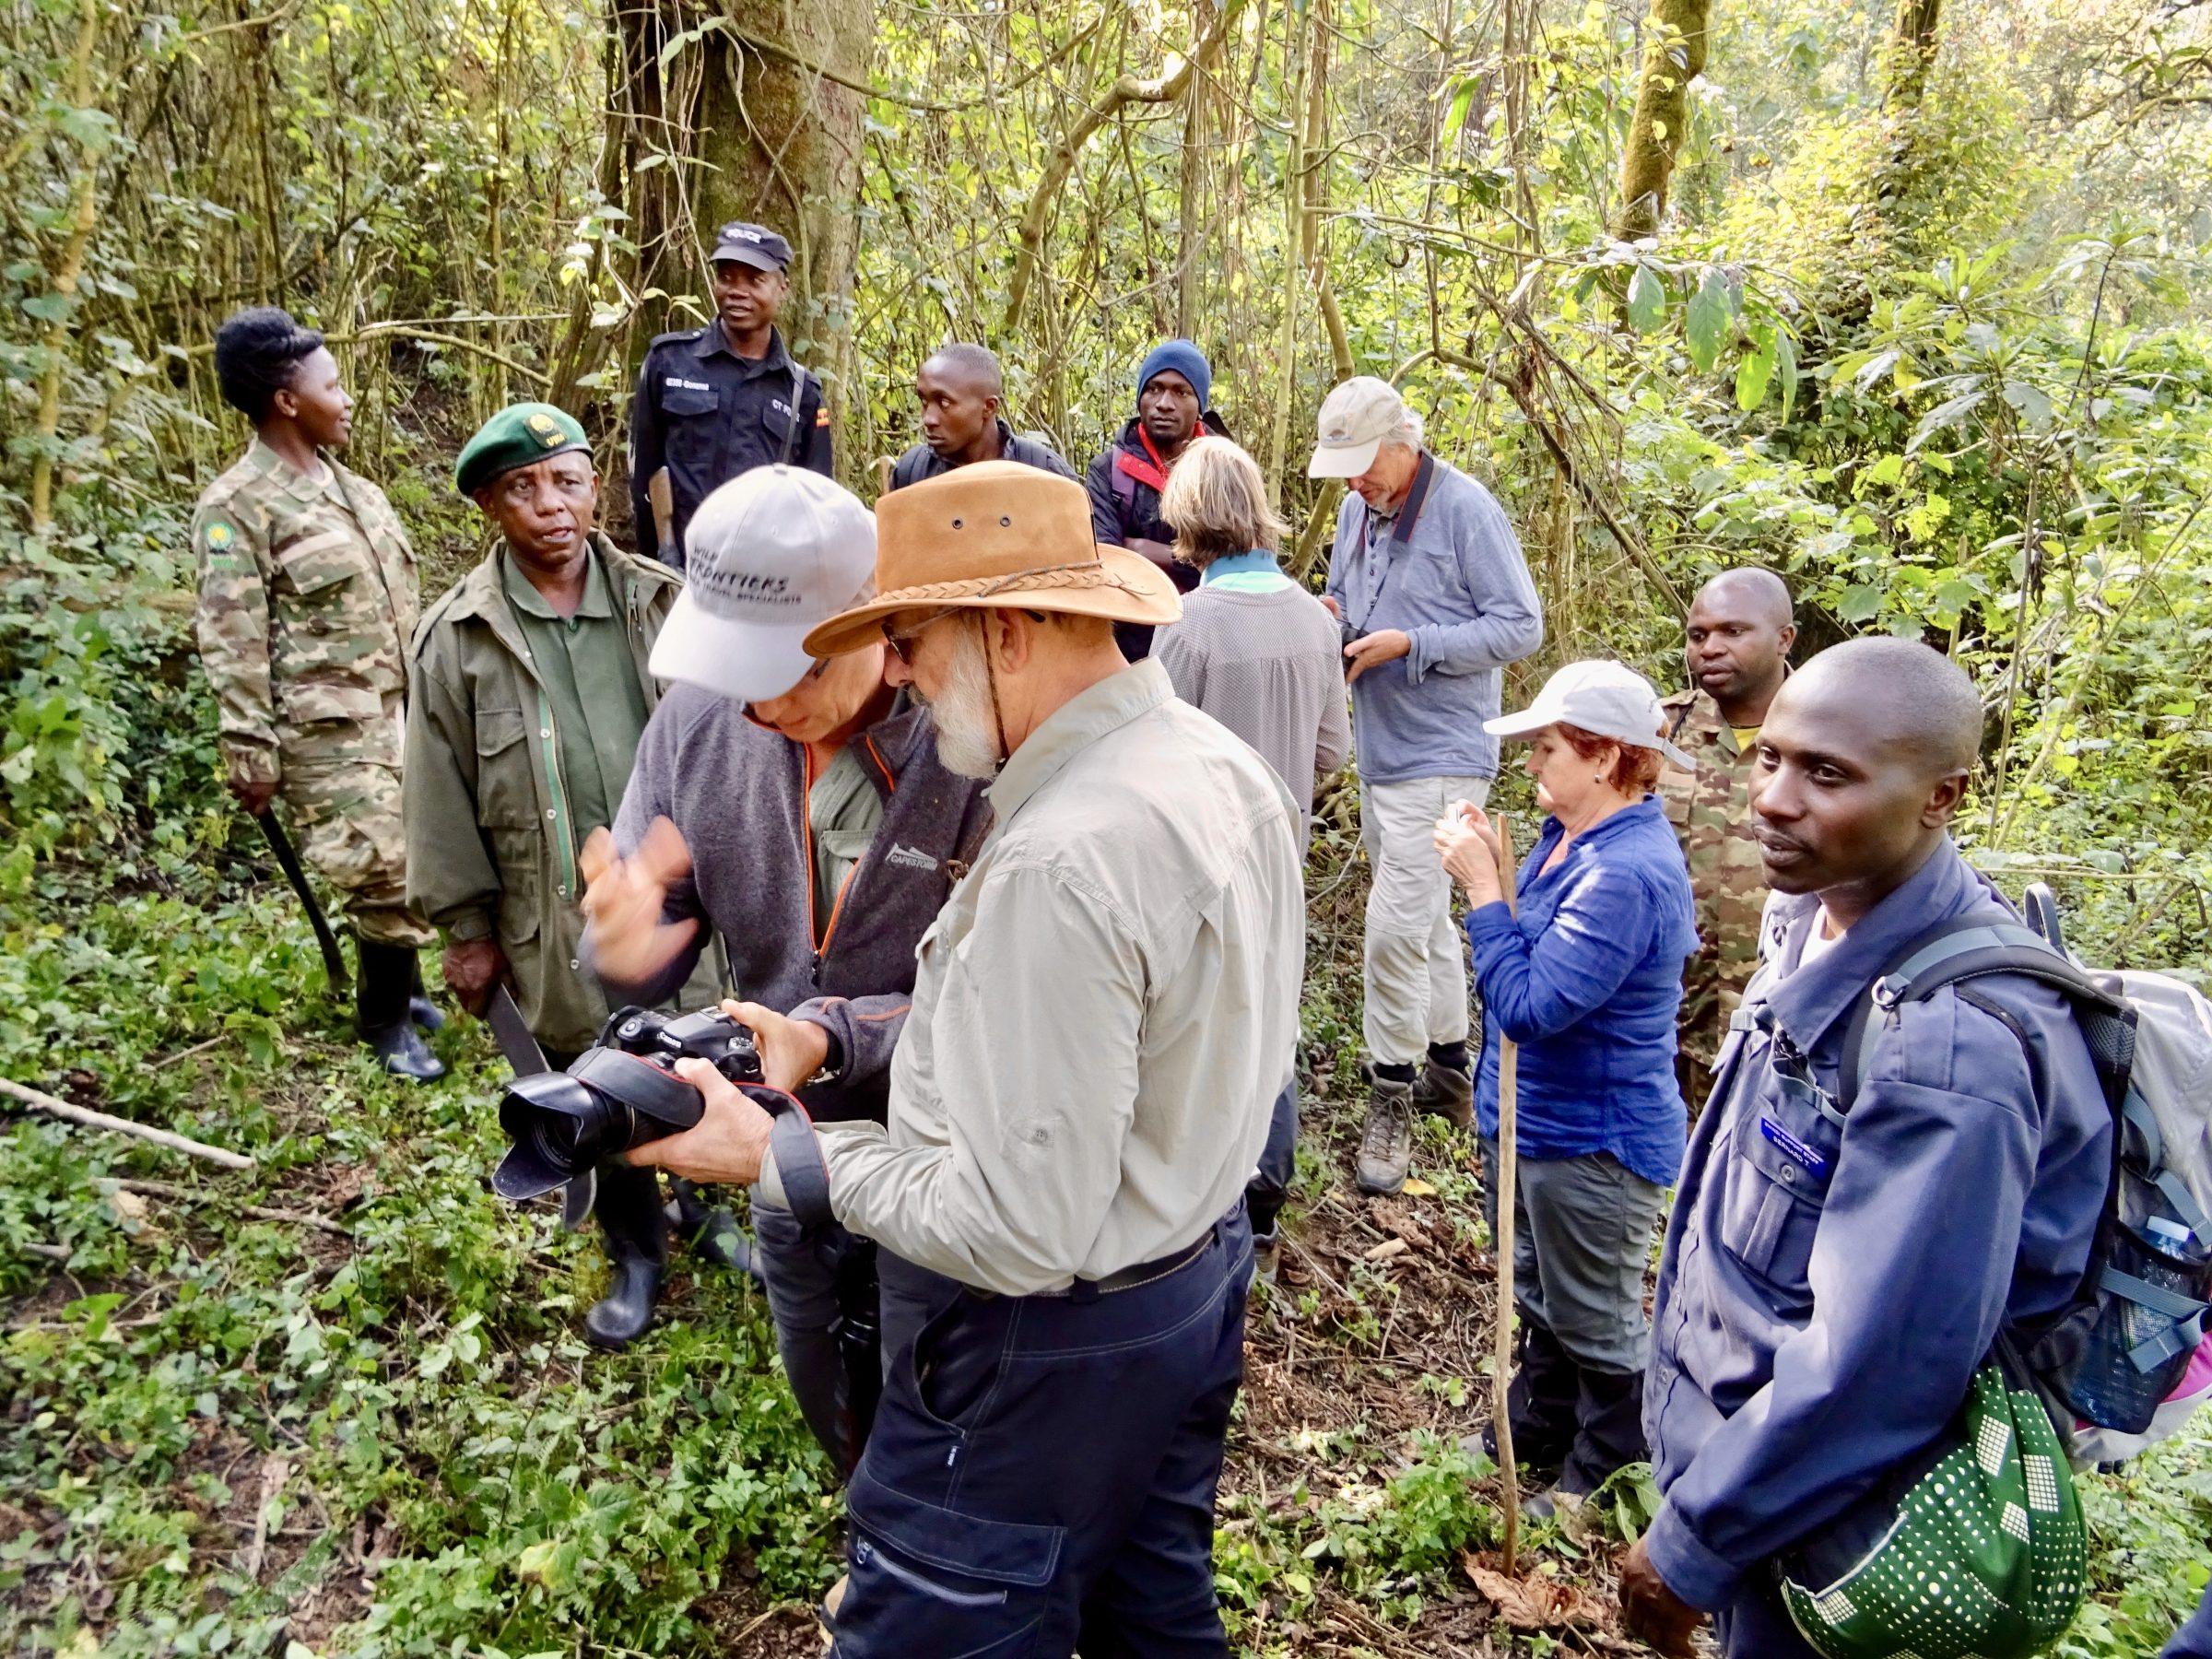 De lenzen worden geslepen in Bwindi vlakvoor de ontmoeting met de gorilla's